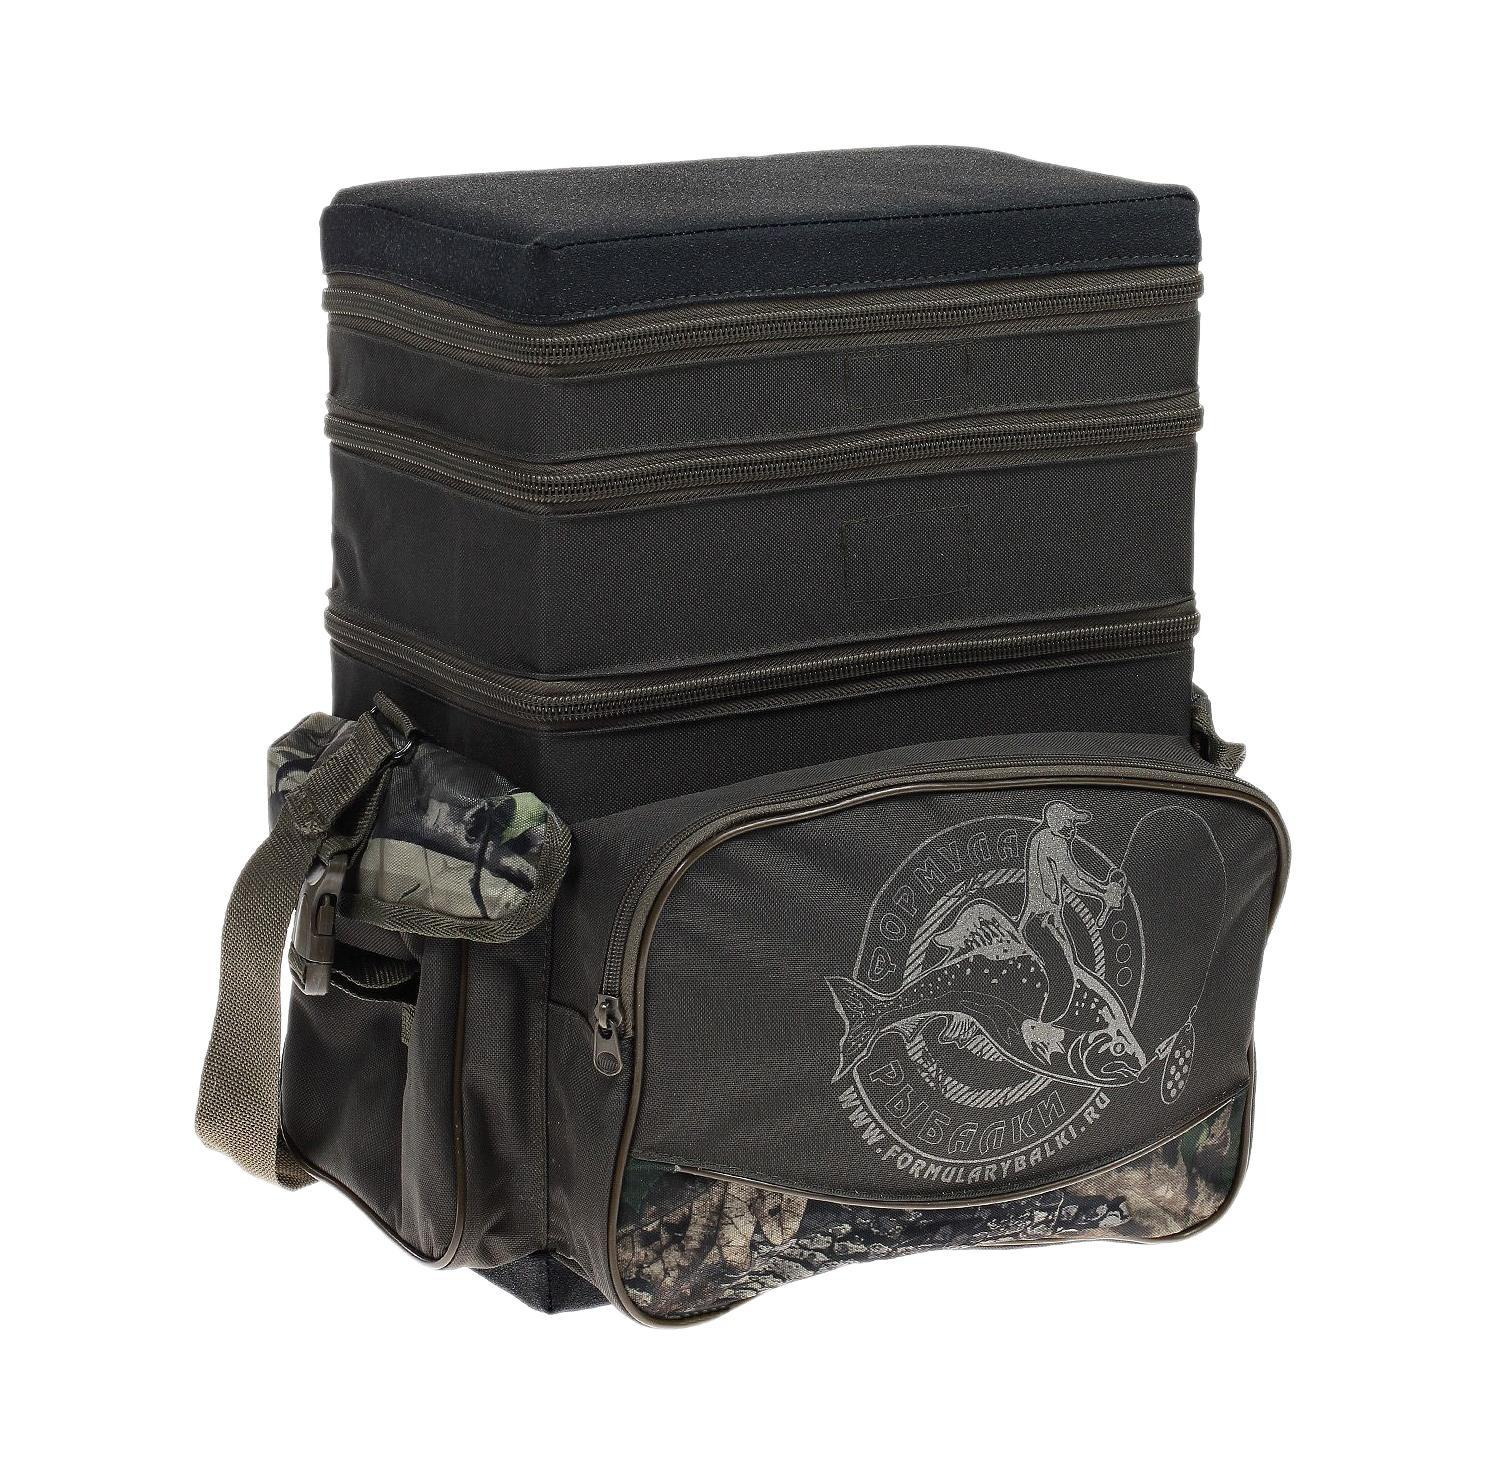 Ящик-рюкзак рыболовный Формула рыбалки, зимний, 3 яруса ящик рыболовный зимний a elita sputnik